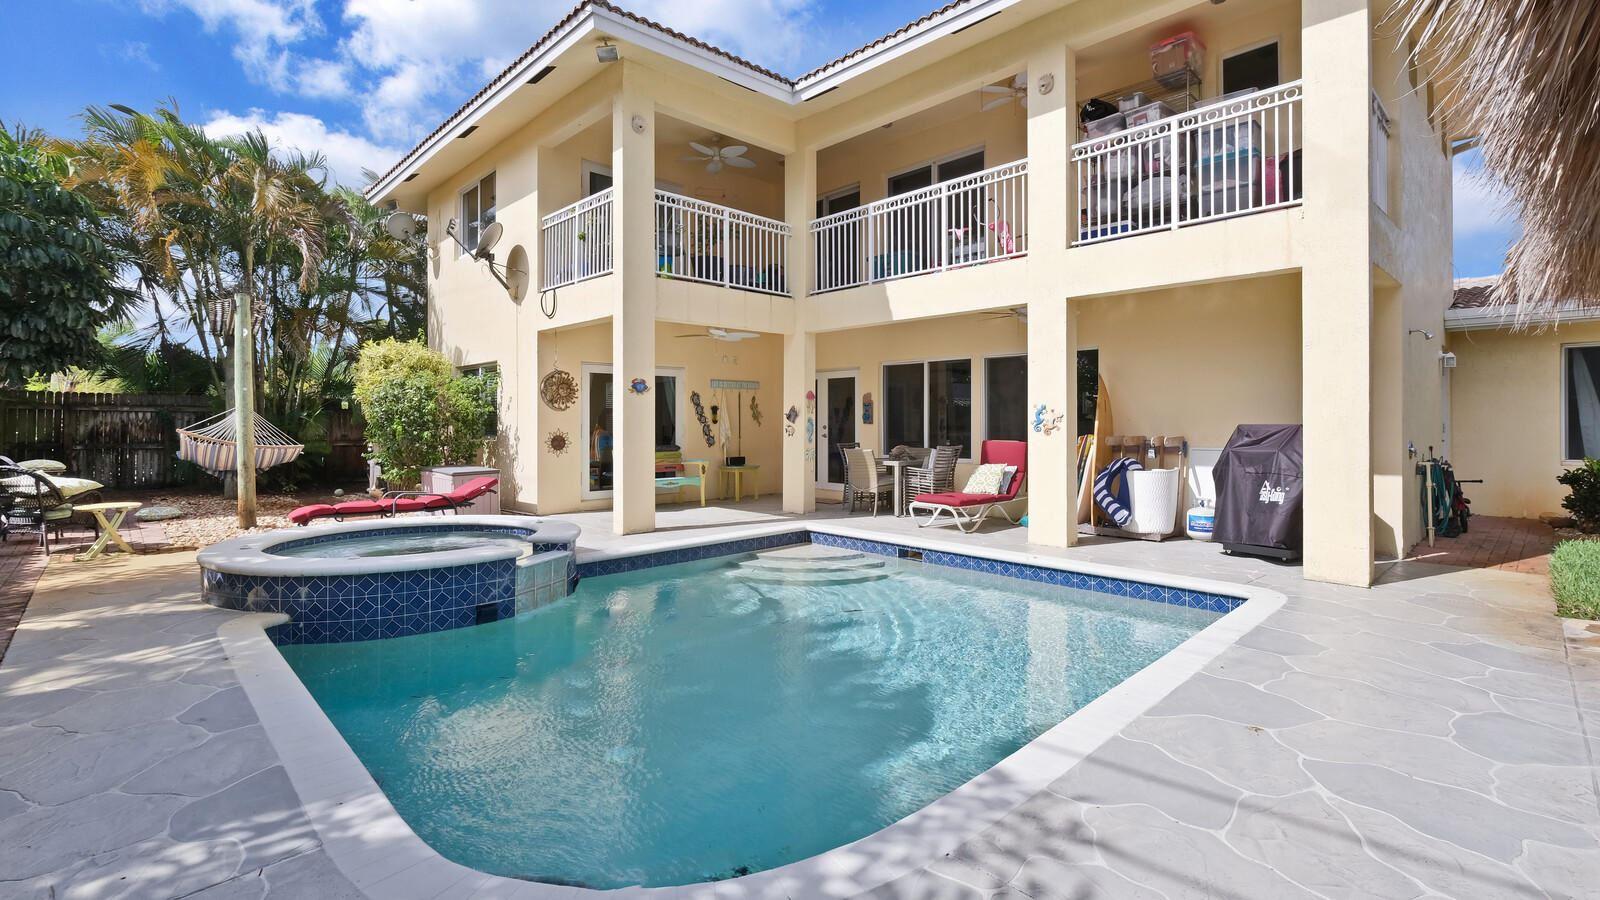 1002 SE 5 Court, Deerfield Beach, FL 33441 - #: RX-10669948